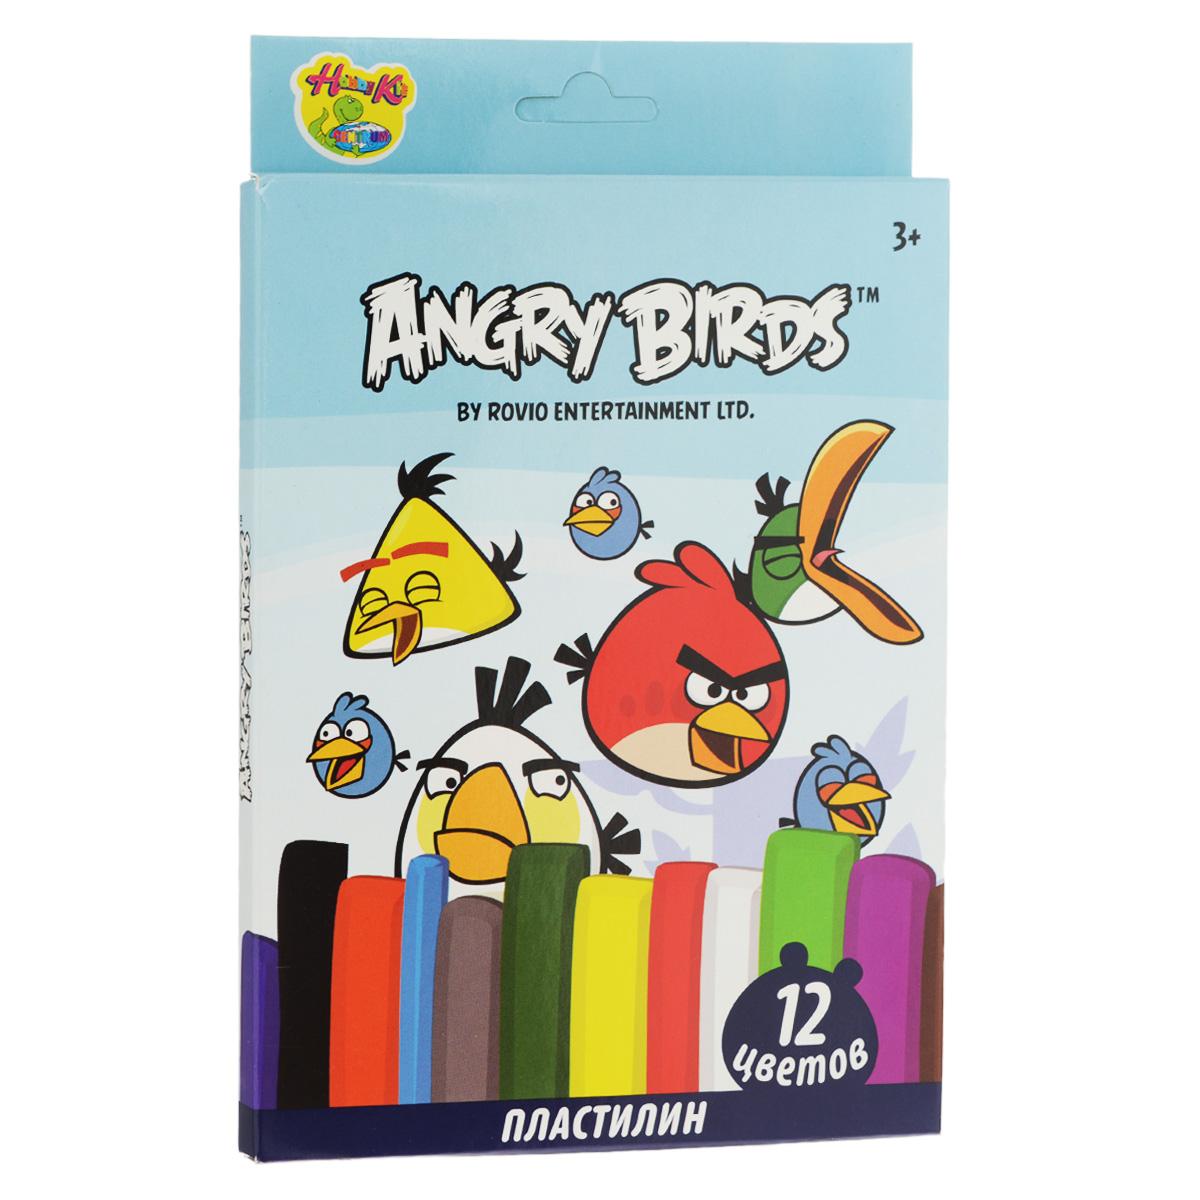 Пластилин Angry Birds, 12 цветов. 8496672523WDПластилин Angry Birds - это отличная возможность познакомить ребенка с еще одним из видов изобразительного творчества, в котором создаются объемные образы и целые композиции.В набор входит пластилин 12 ярких цветов (красный, темно-зеленый, черный, оранжевый, светло-зеленый, фиолетовый, белый, желтый, синий, коричневый, голубой, серый), а также пластиковый стек для нарезания пластилина.Цвета пластилина легко смешиваются между собой, и таким образом можно получить новые оттенки. Пластилин имеет яркие, красочные цвета и не липнет к рукам.Техника лепки богата и разнообразна, но при этом доступна даже маленьким детям. Занятия лепкой не только увлекательны, но и полезны для ребенка. Они способствуют развитию творческого и пространственного мышления, восприятия формы, фактуры, цвета и веса, развивают воображение и мелкую моторику.